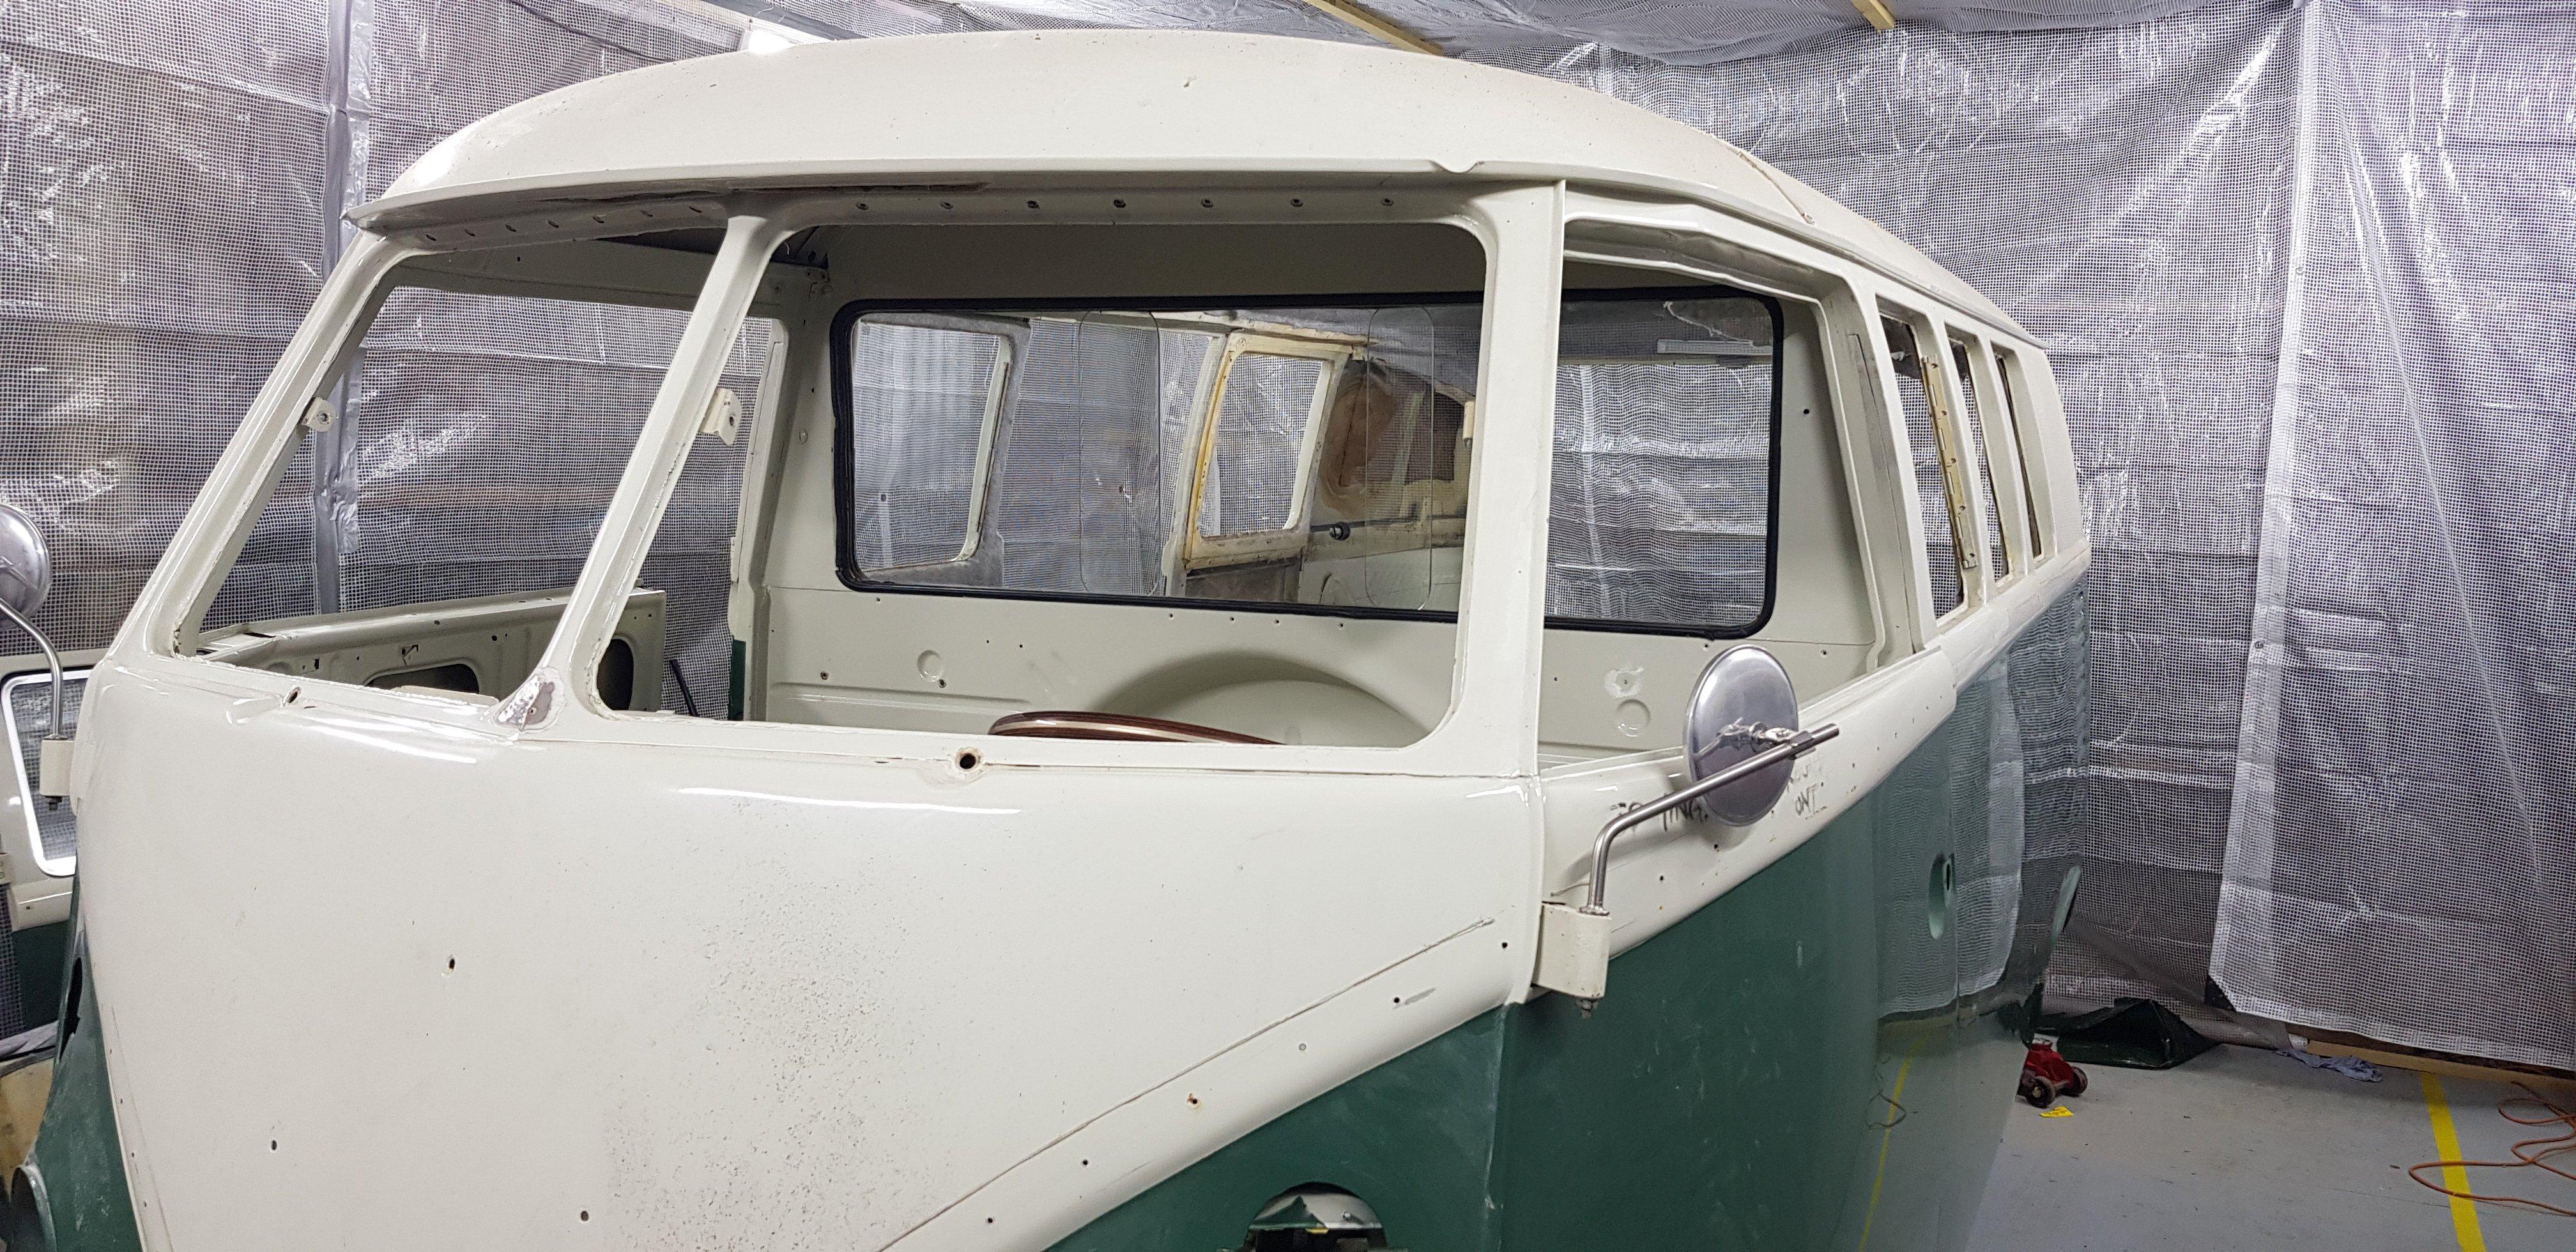 Classic Campervan Restoration